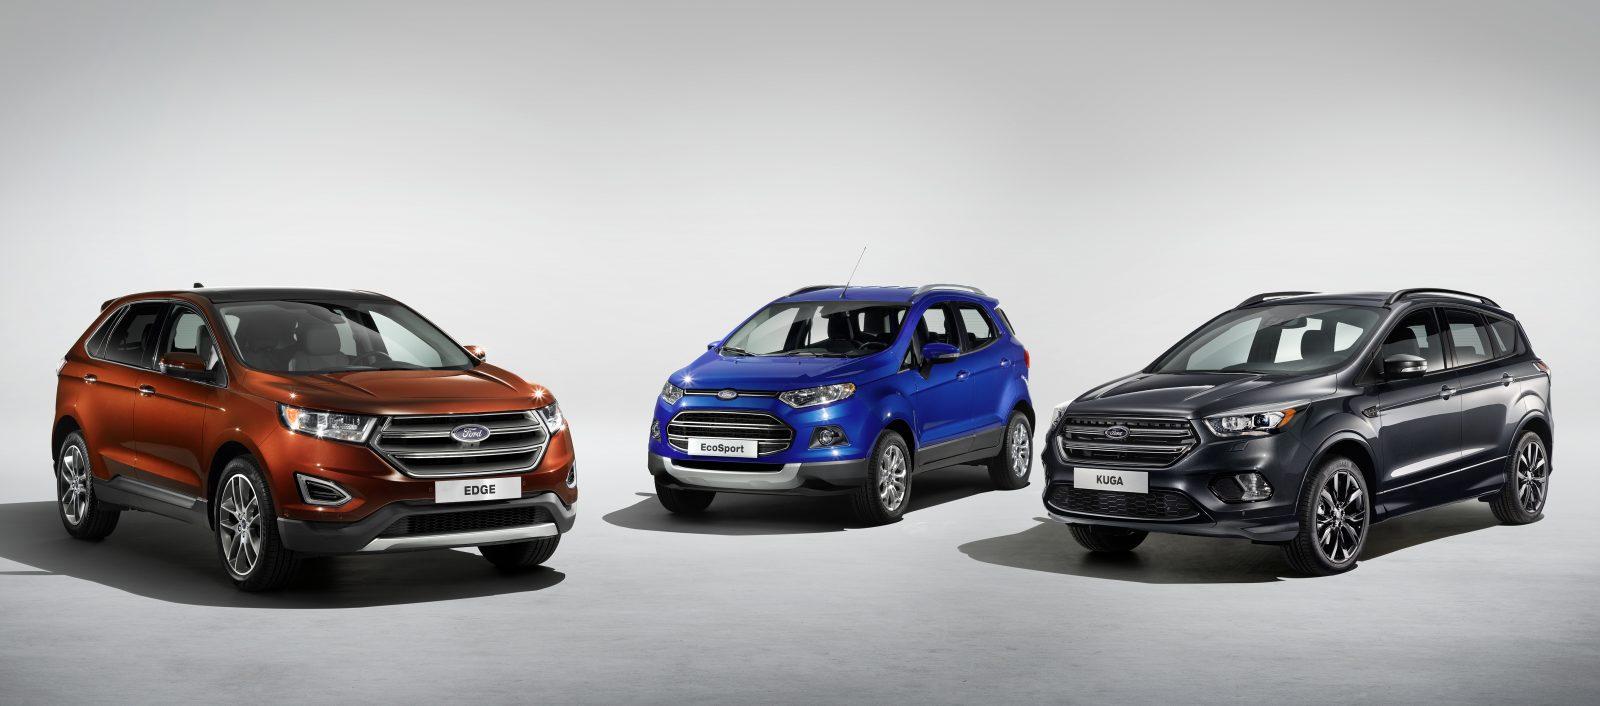 Ford Introduceert Rond 2020 Elektrische Suv Met Actieradius